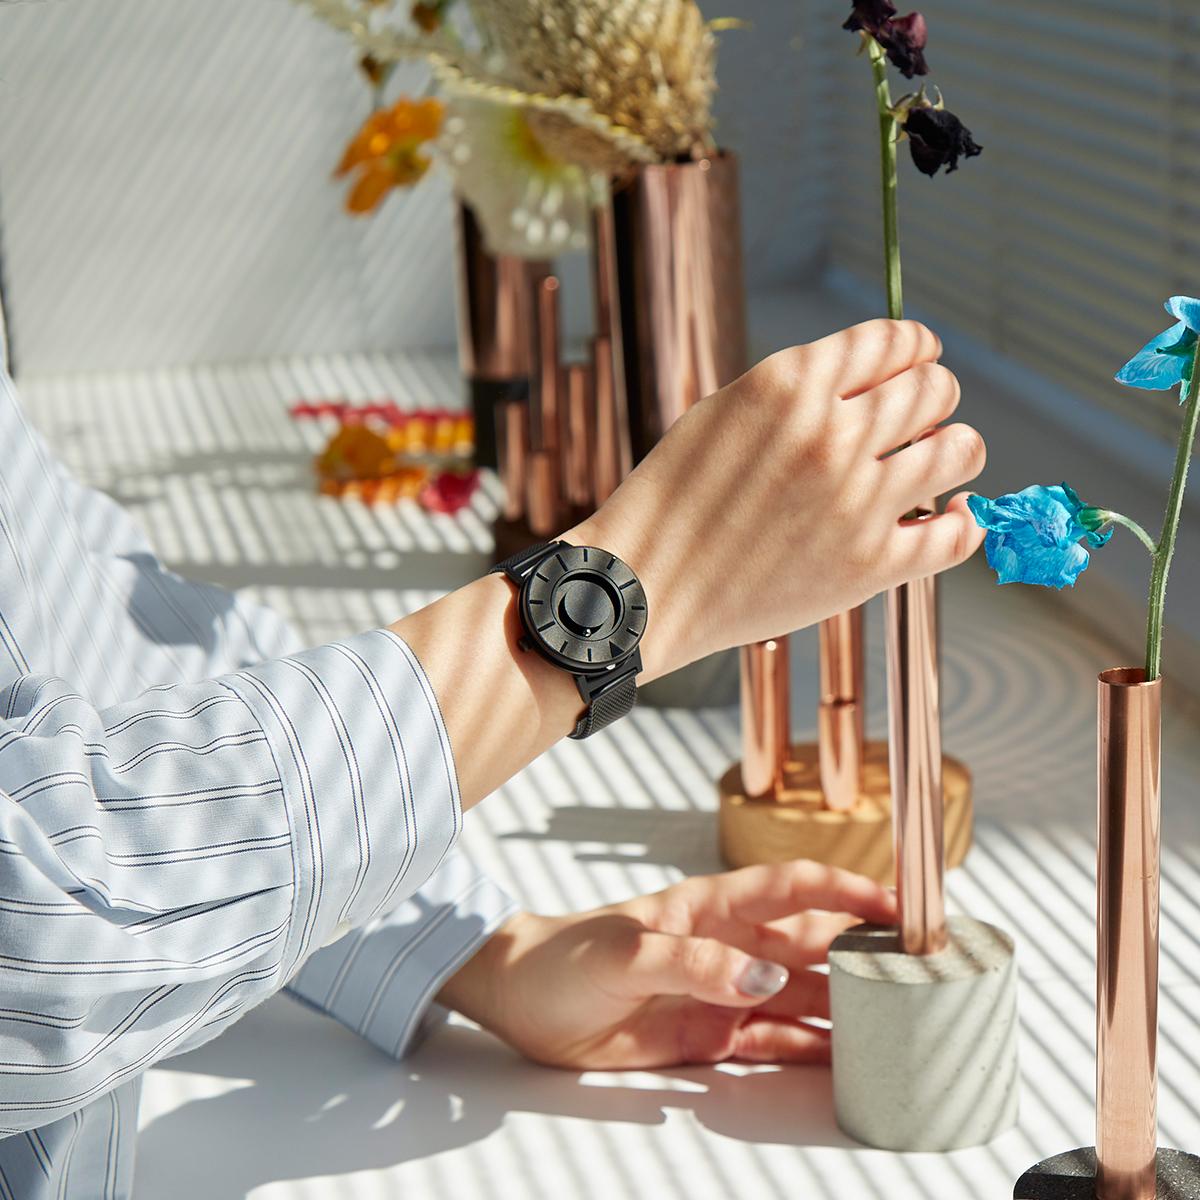 華奢な女性の腕元にも品よくフィット。もちろん、男性やお子さまにもおすすめしたい、ひとまわり小さなモデル。腕元におさまるコンパクトな文字盤、軽やかな装着感のメッシュバンド。触って時間を知る「腕時計」| EONE